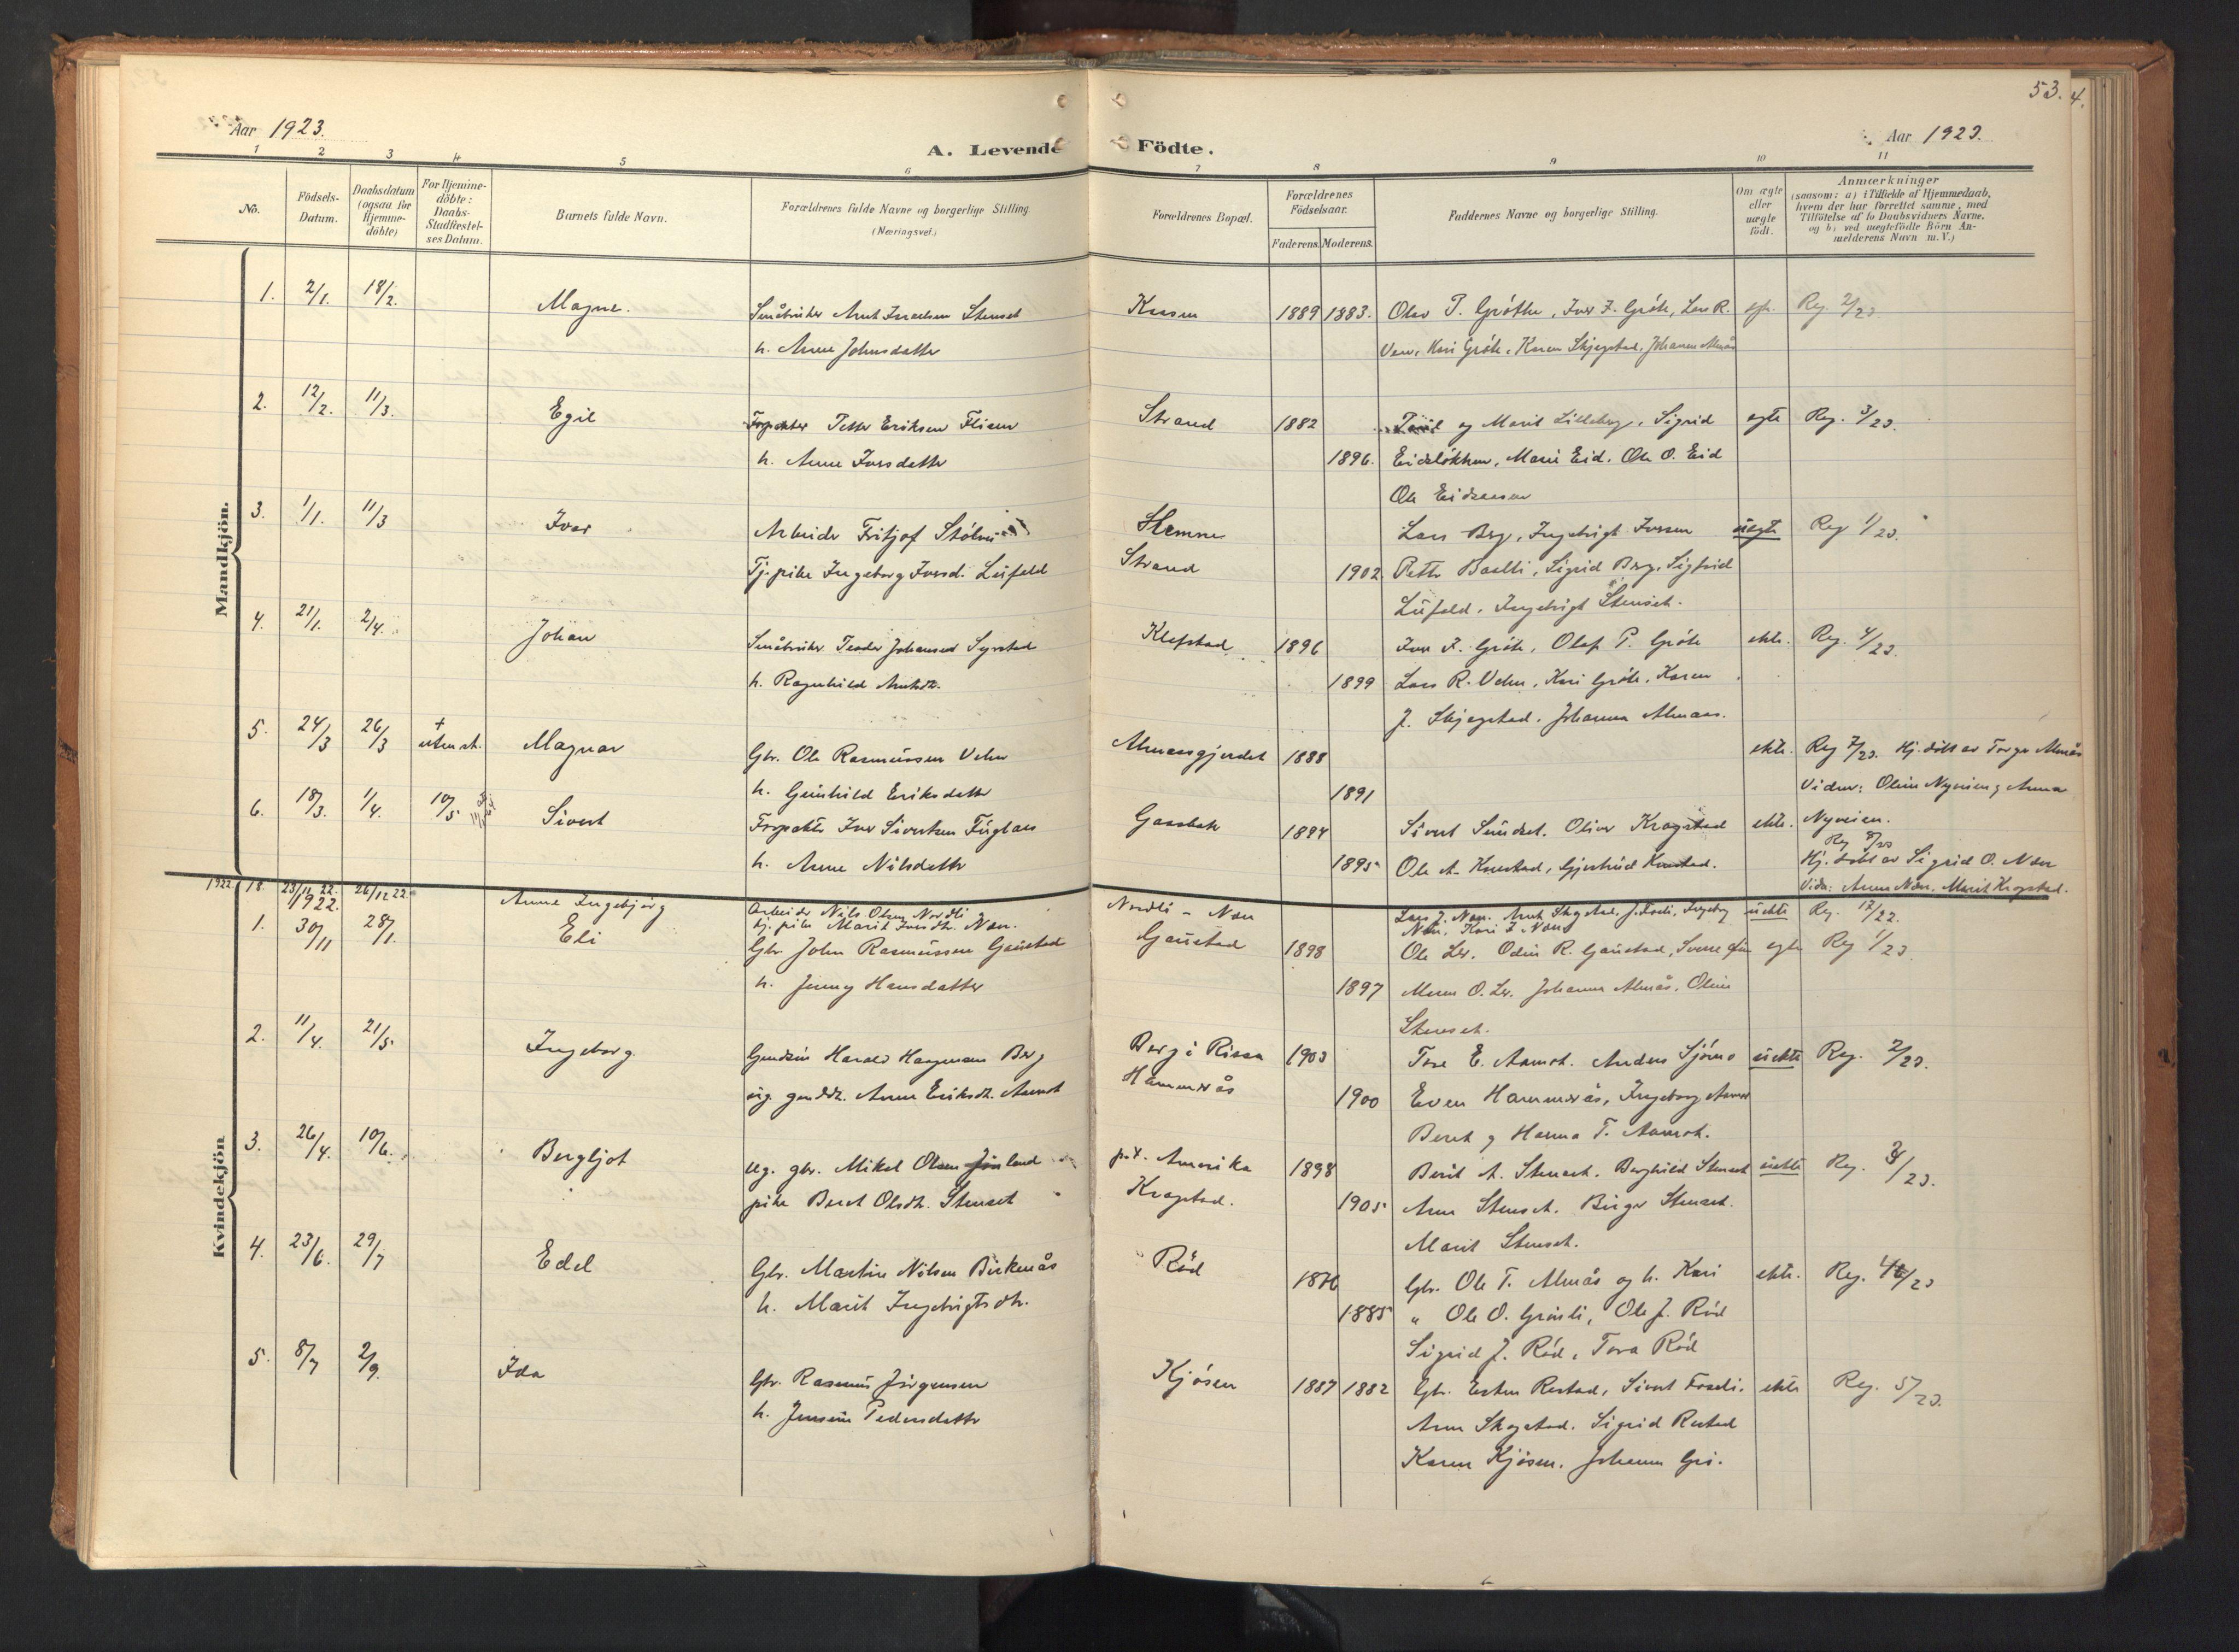 SAT, Ministerialprotokoller, klokkerbøker og fødselsregistre - Sør-Trøndelag, 694/L1128: Ministerialbok nr. 694A02, 1906-1931, s. 53